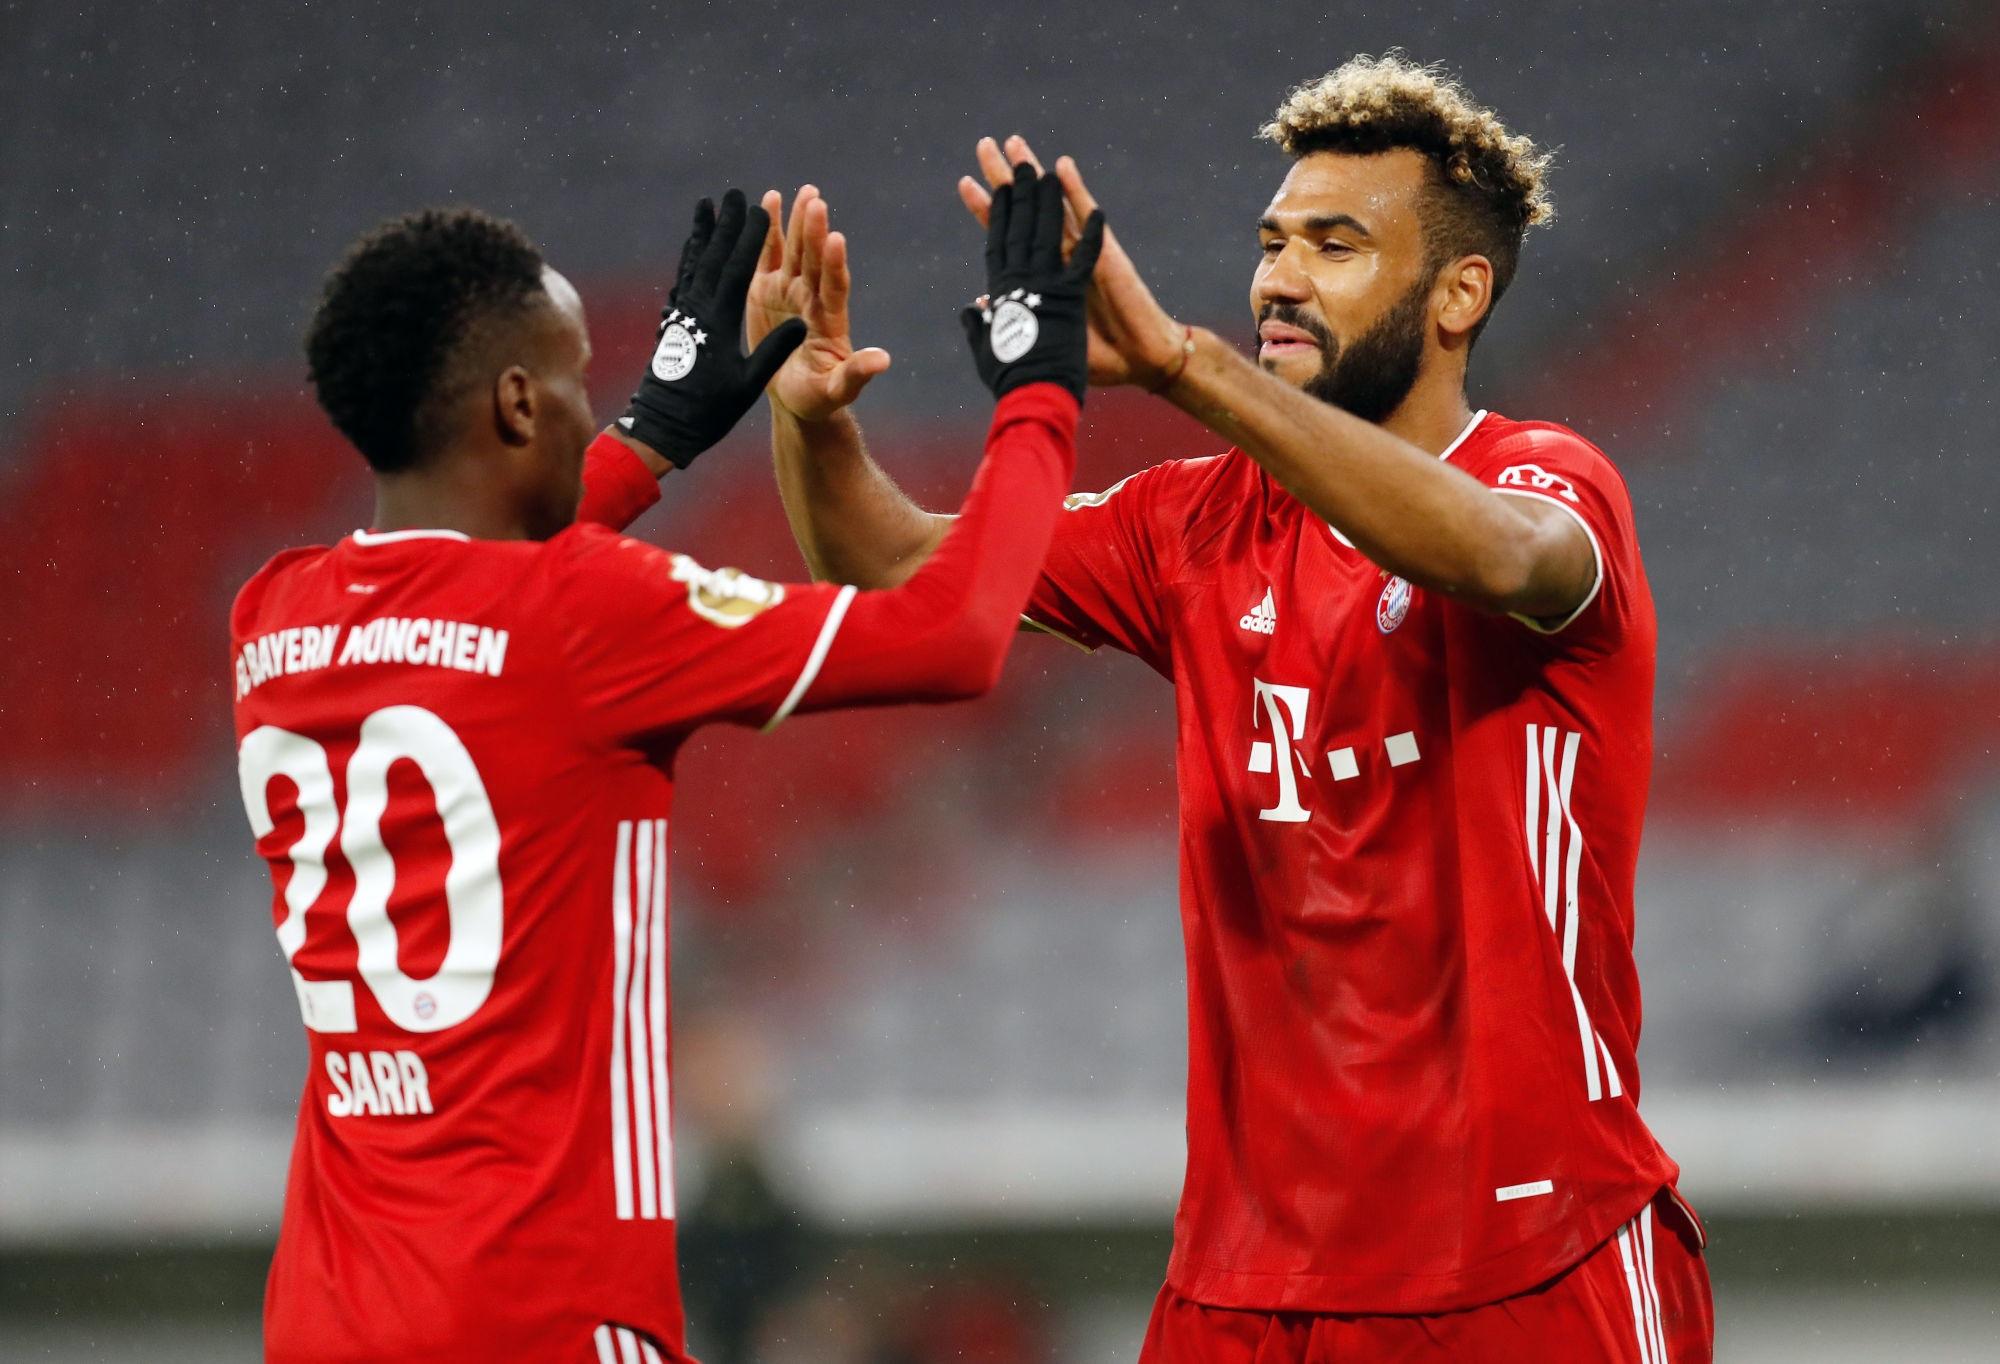 Bayern/PSG - Choupo-Moting évoque ses retrouvailles avec Paris et la finale perdue